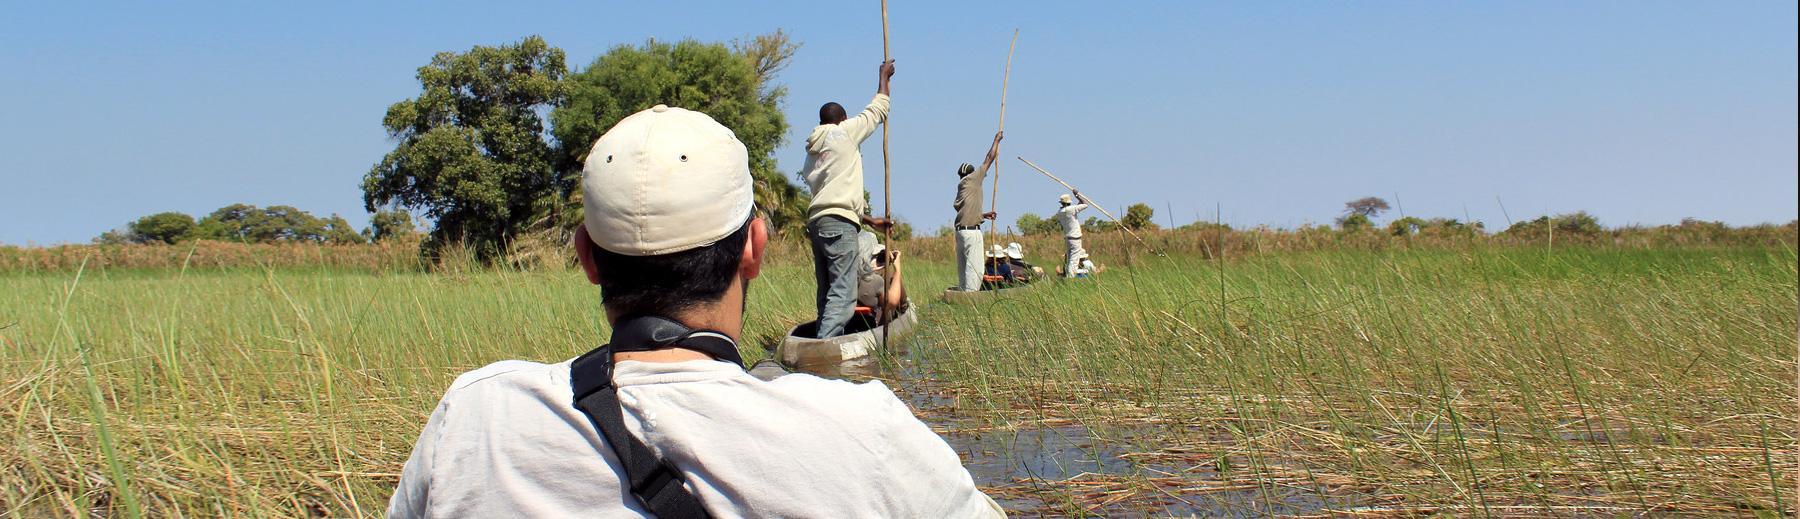 Best time to Visit the Okavango Delta